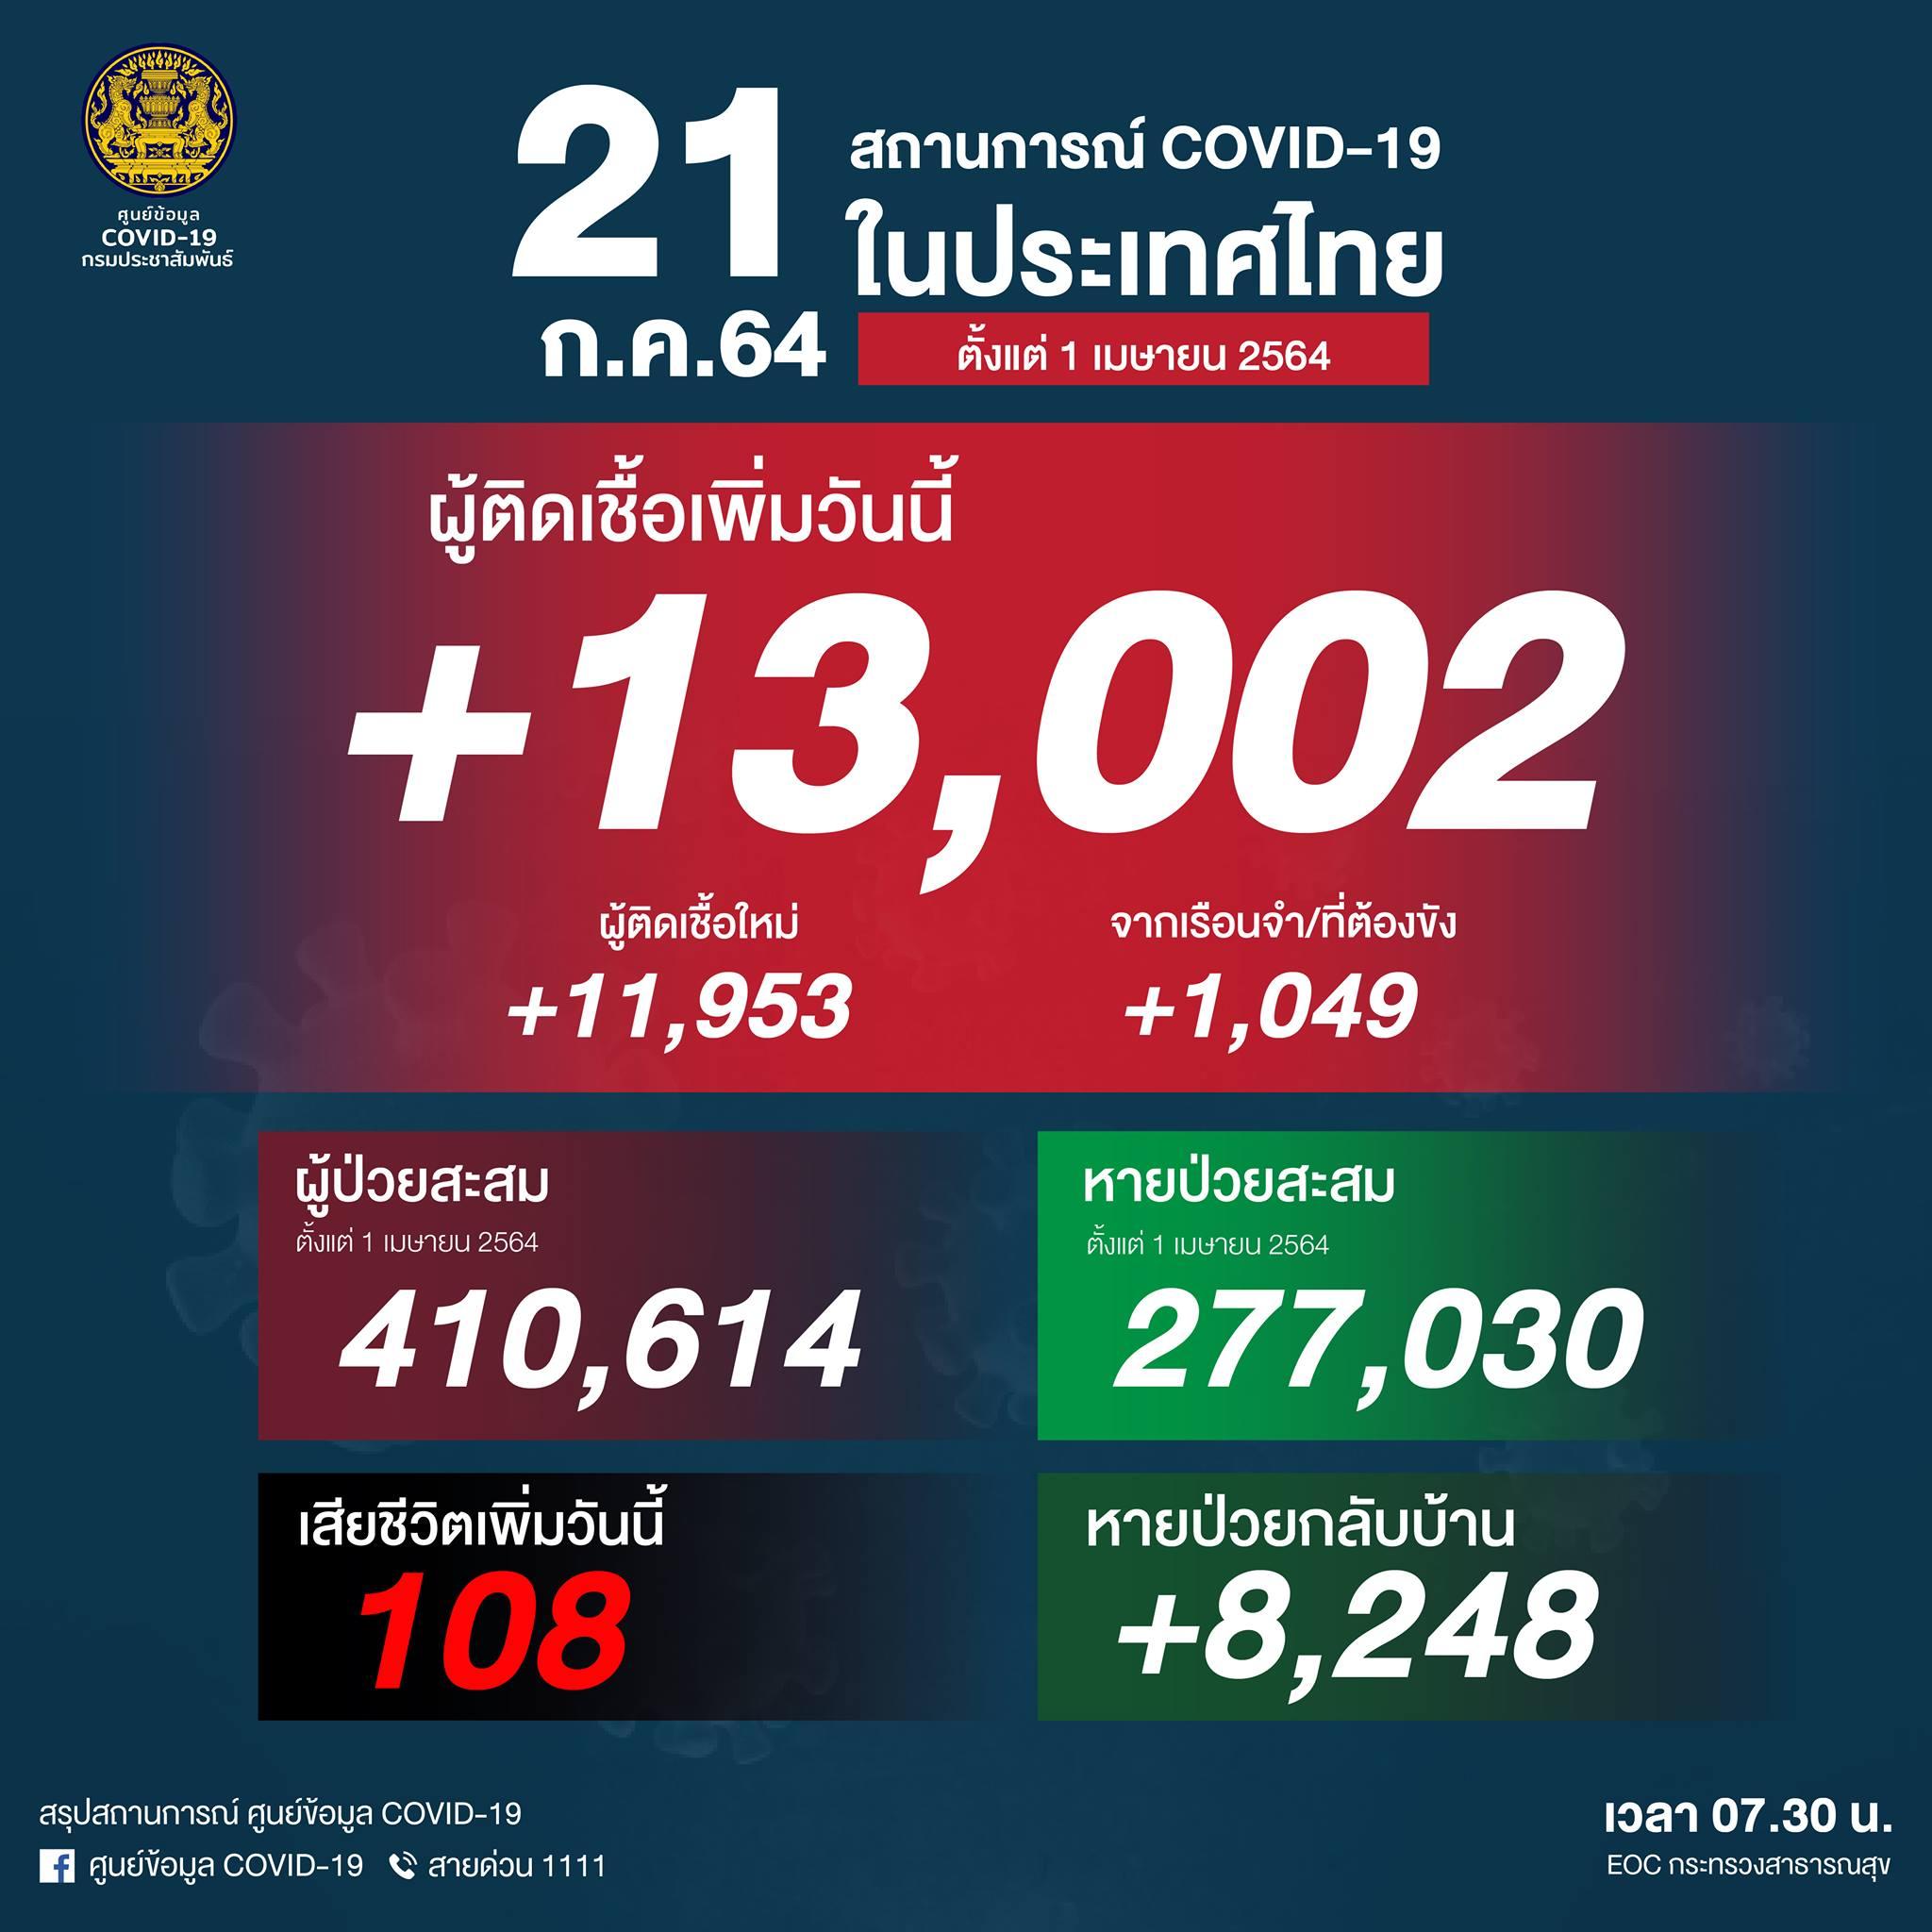 タイ過去最多の13,002人陽性(刑務所1,049人)、108人死亡[2021/7/21]